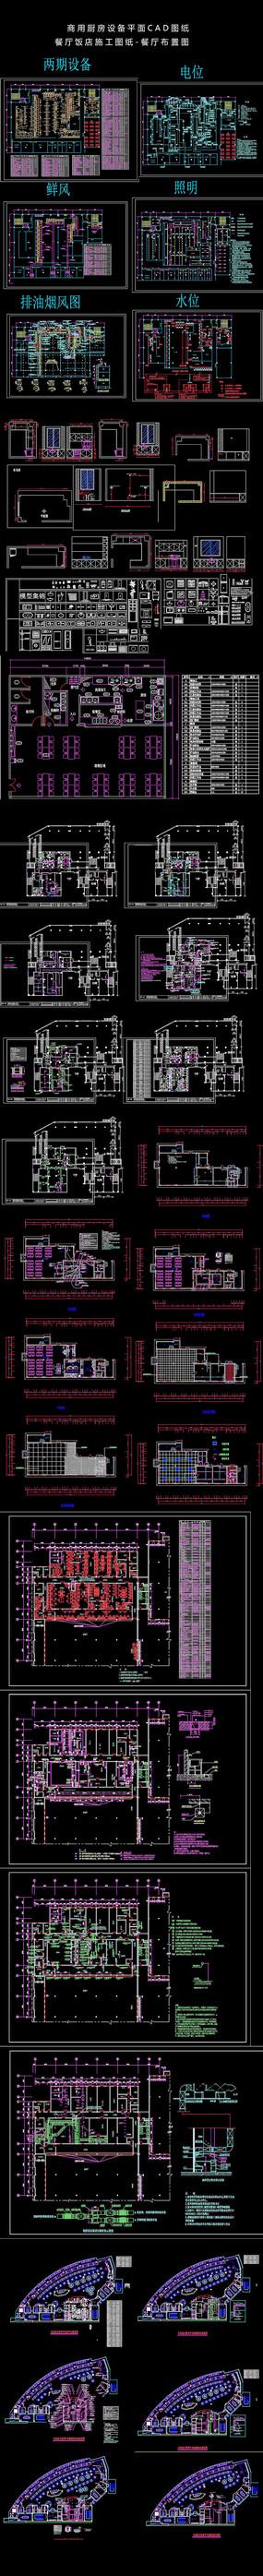 餐廳飯店平面圖